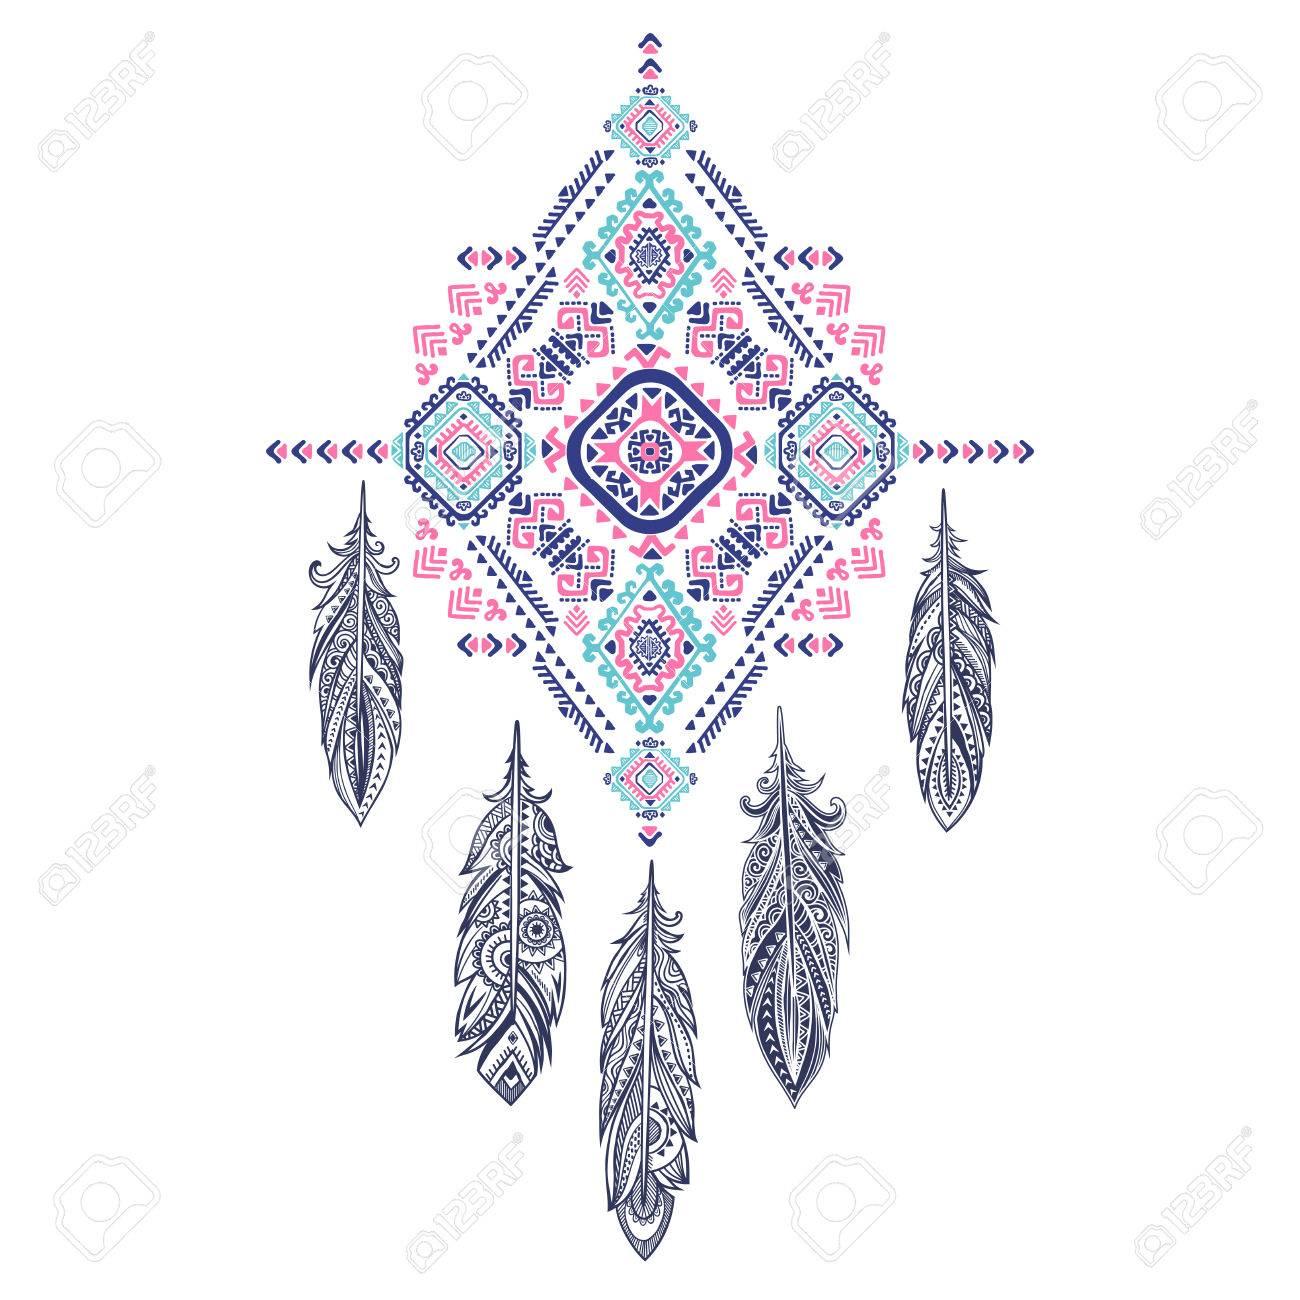 Vector Aztec Mexicain Ornement Tribal De Receveur Reve Ethnique Africain Conception Tatouage Pourrait Etre Utilise Comme Carte